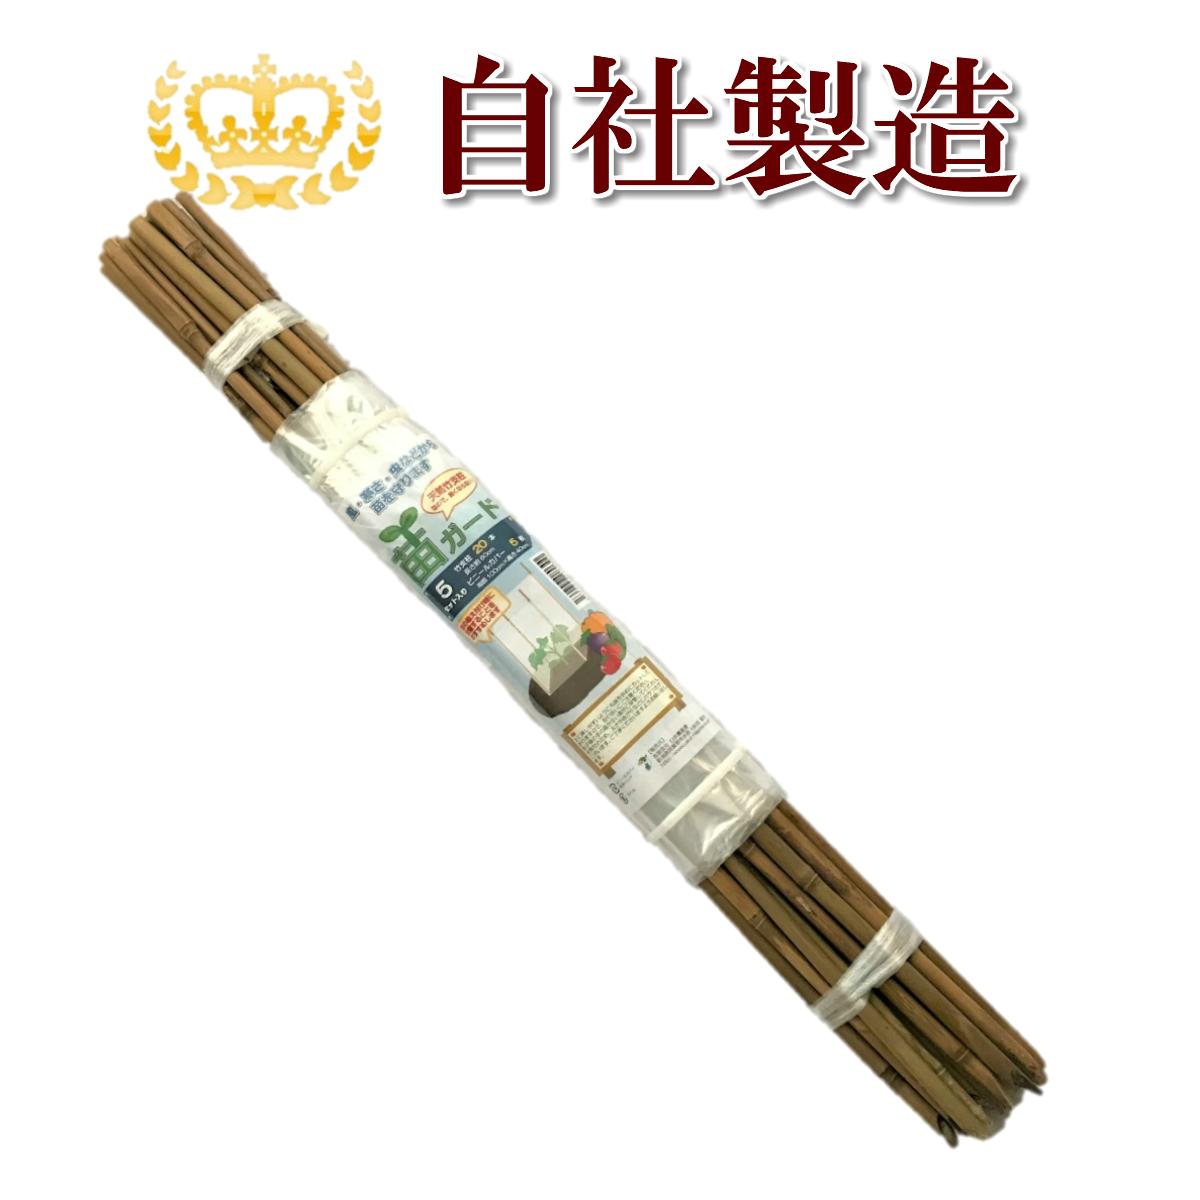 苗ガードセット 約60cm 5セット入り 豊富な品 野菜苗ガード 竹支柱 ついに再販開始